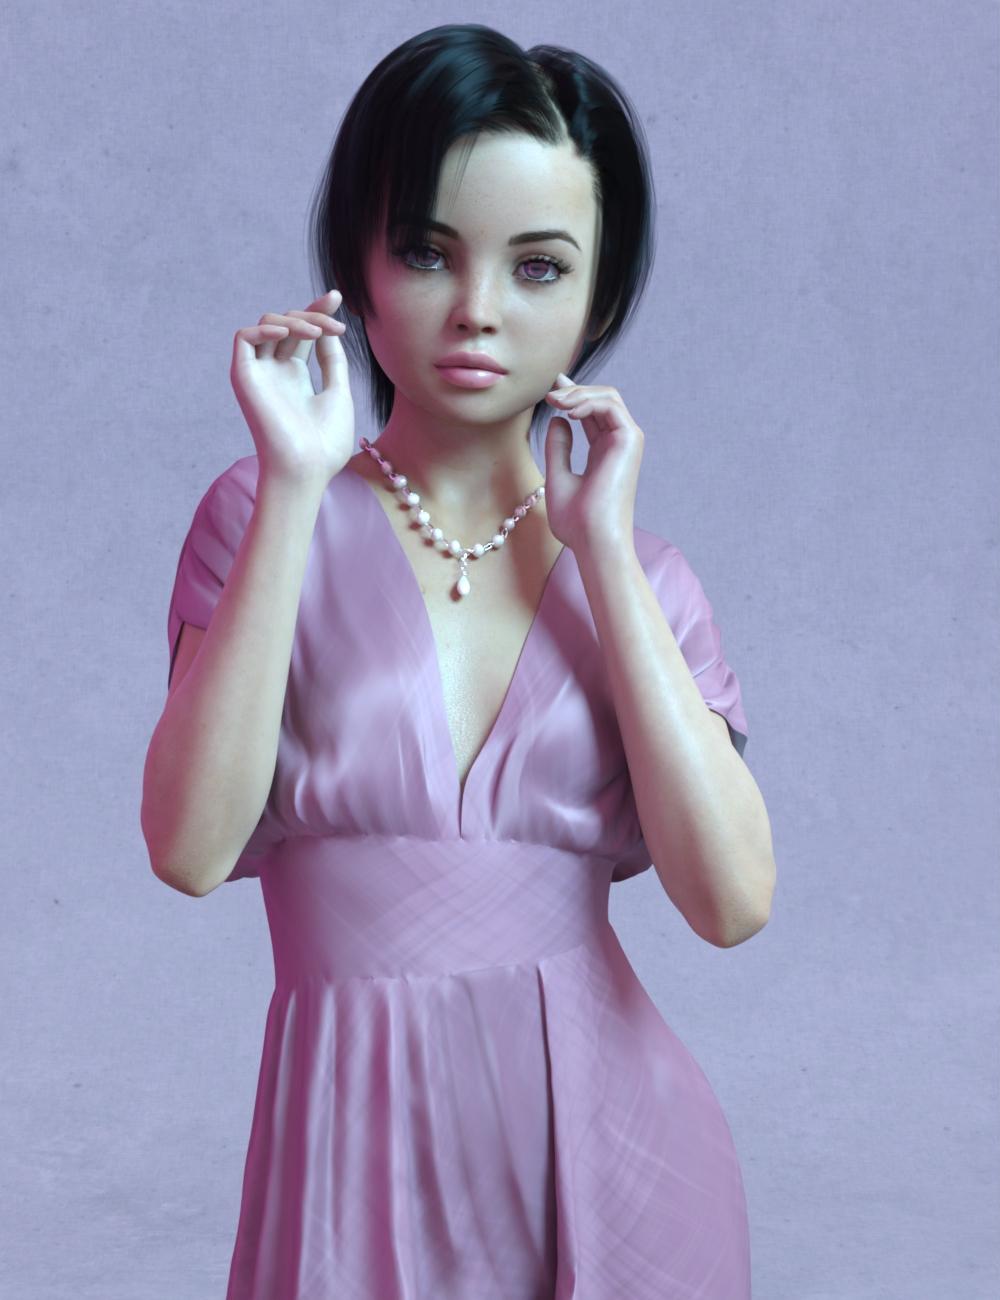 Scarlett Teen for Genesis 8 Female by: Exart3D, 3D Models by Daz 3D